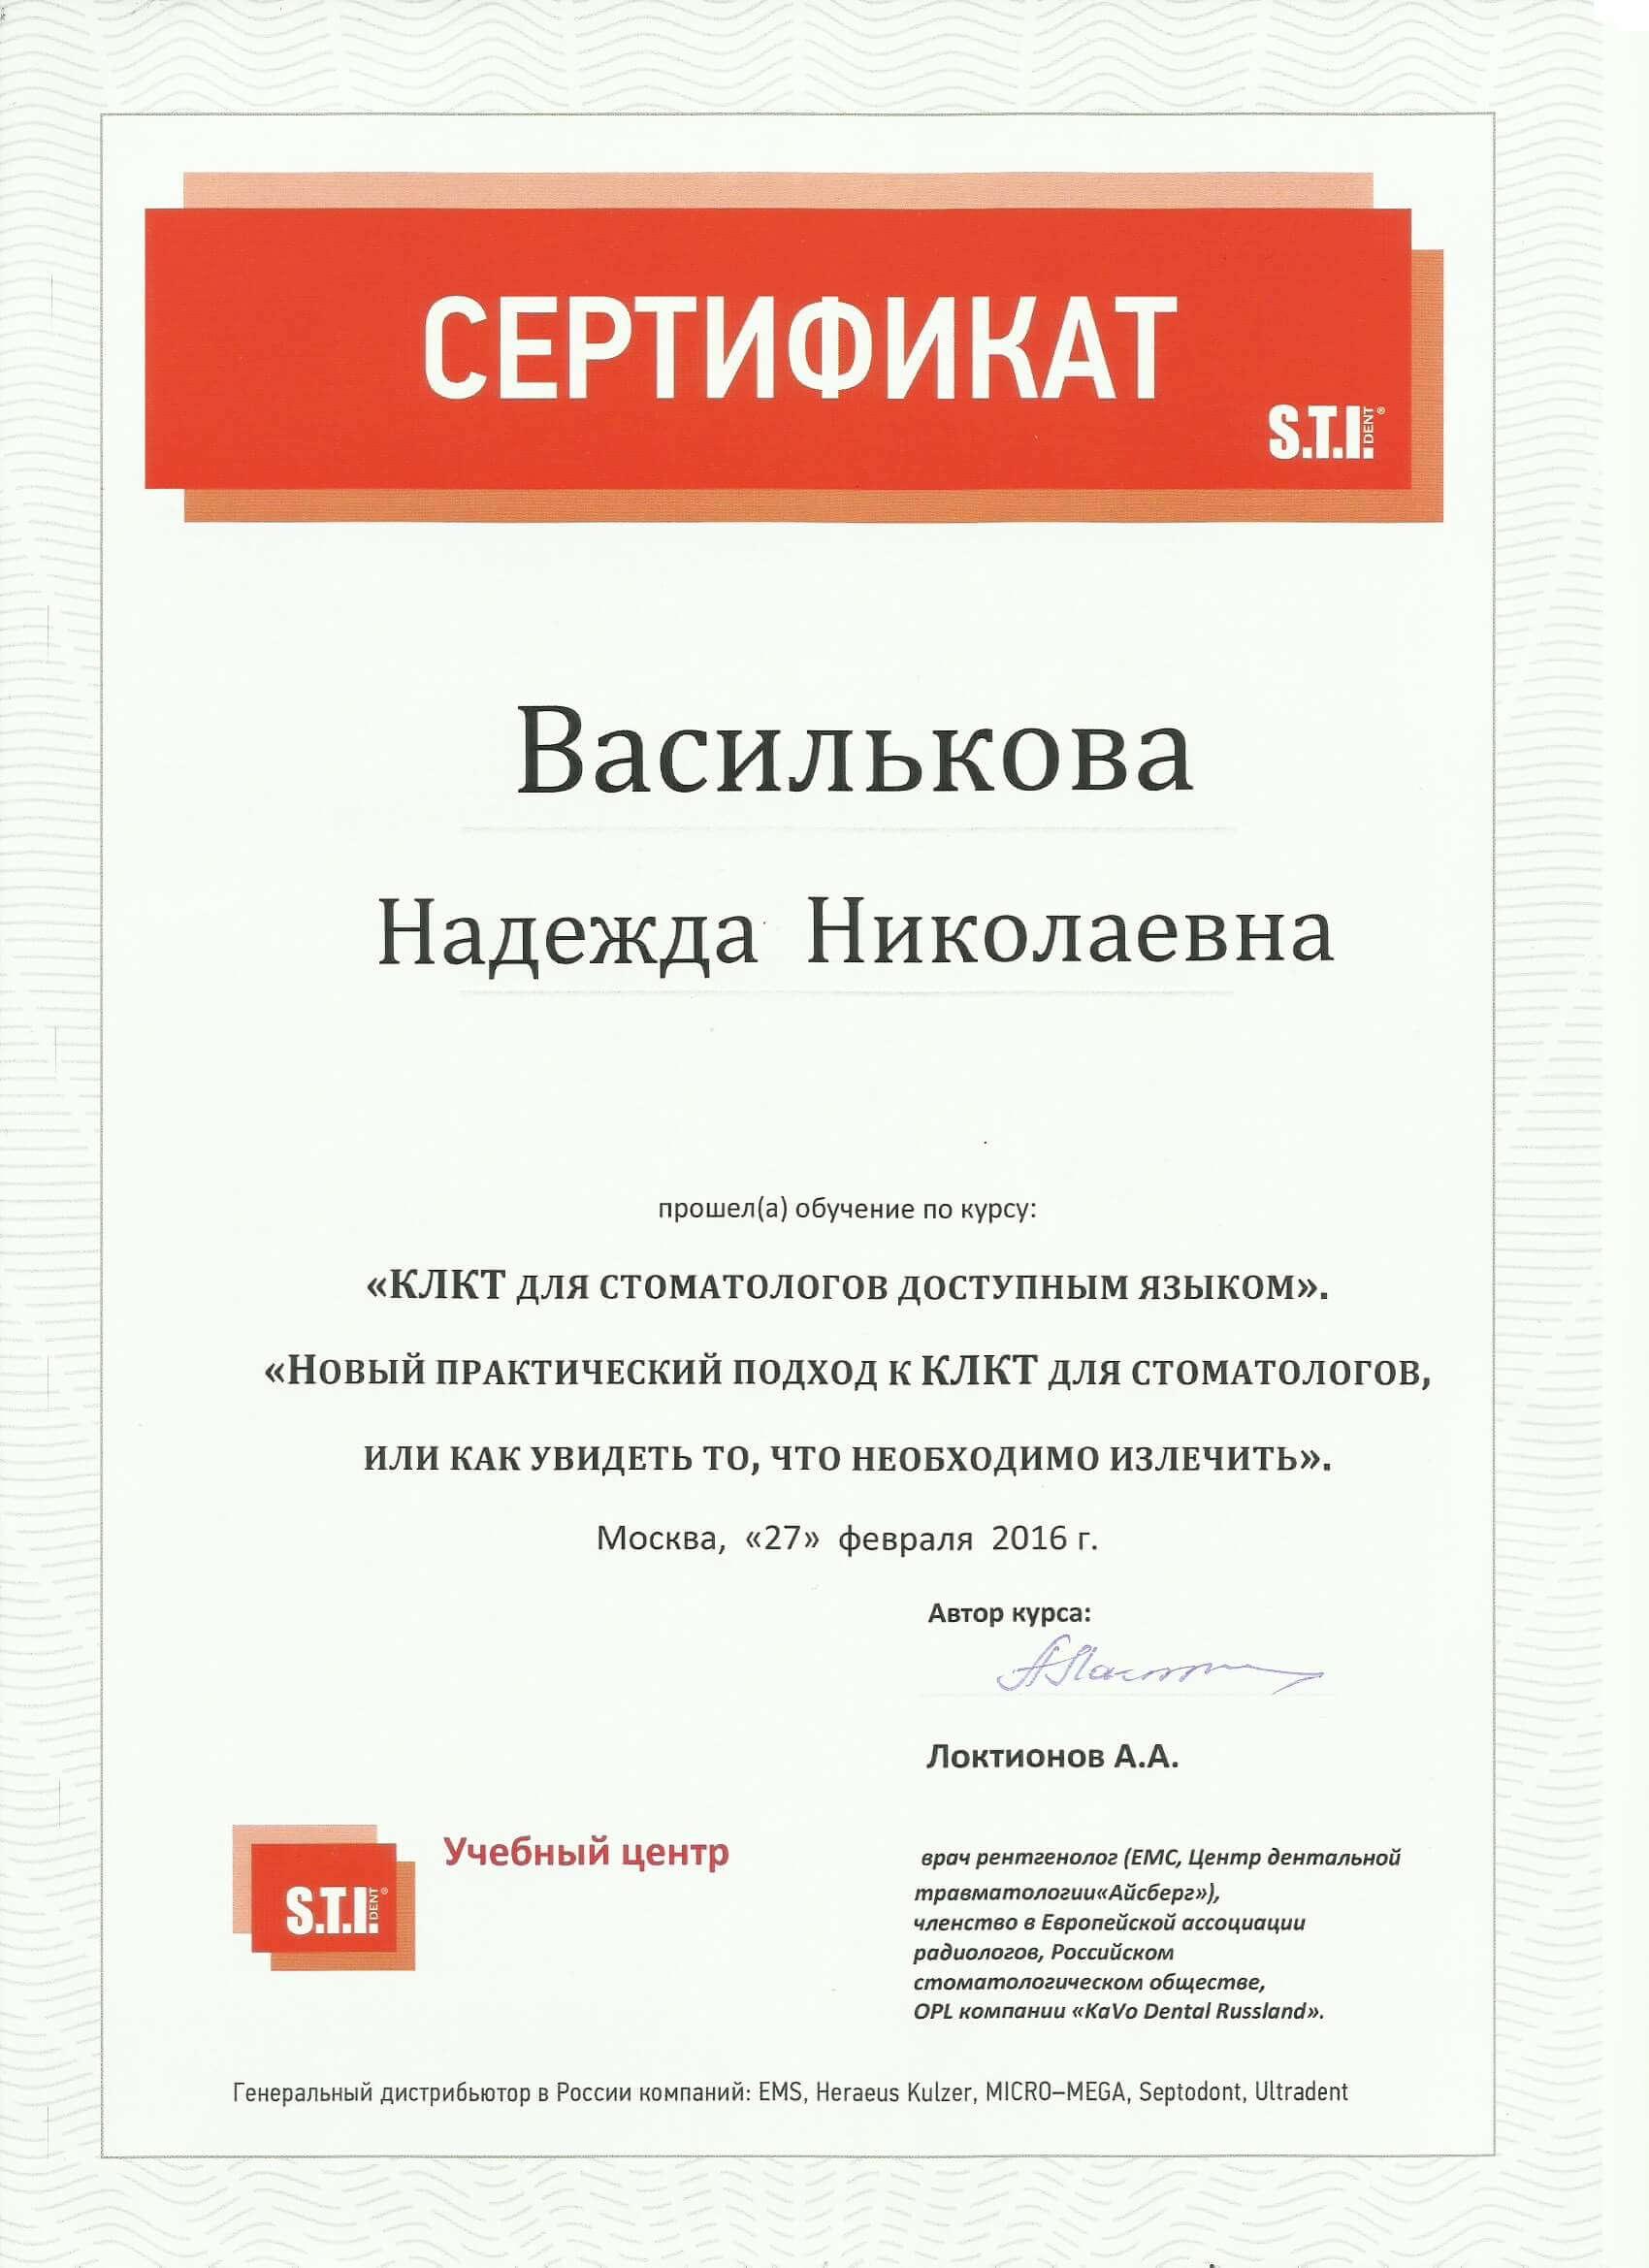 Сертификат от 27.02.2016